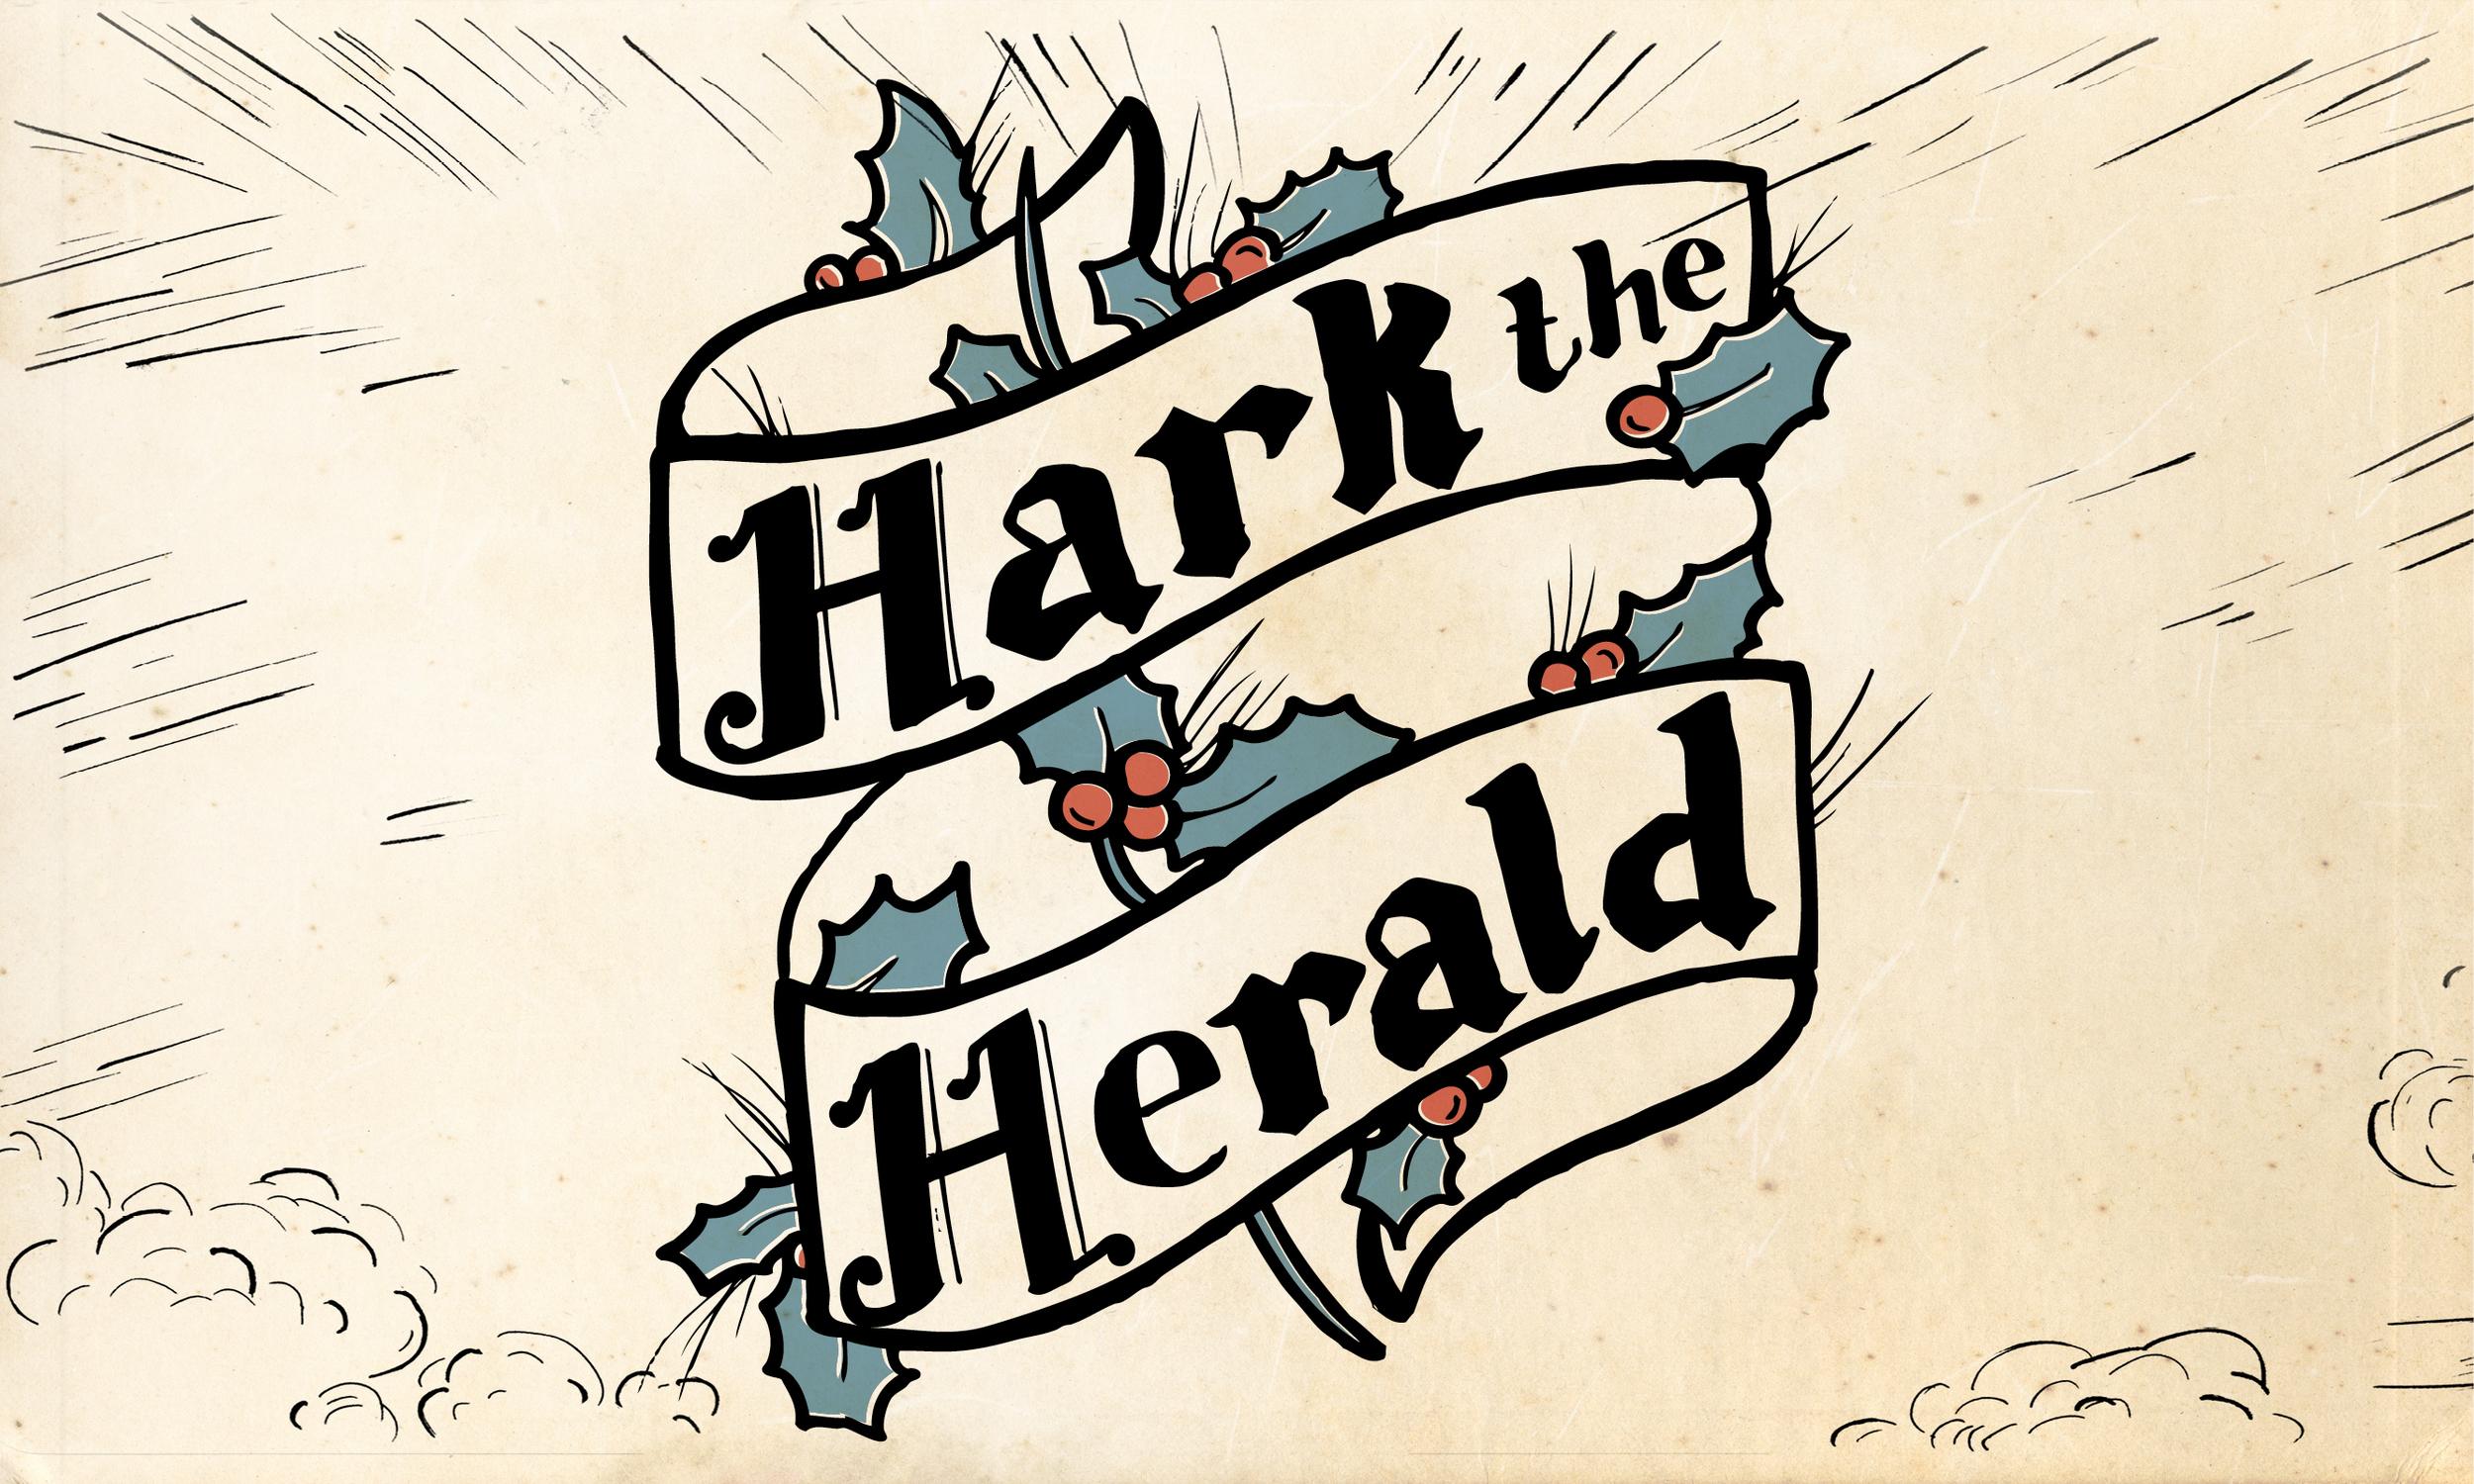 HarkTheHerald.Title.jpg